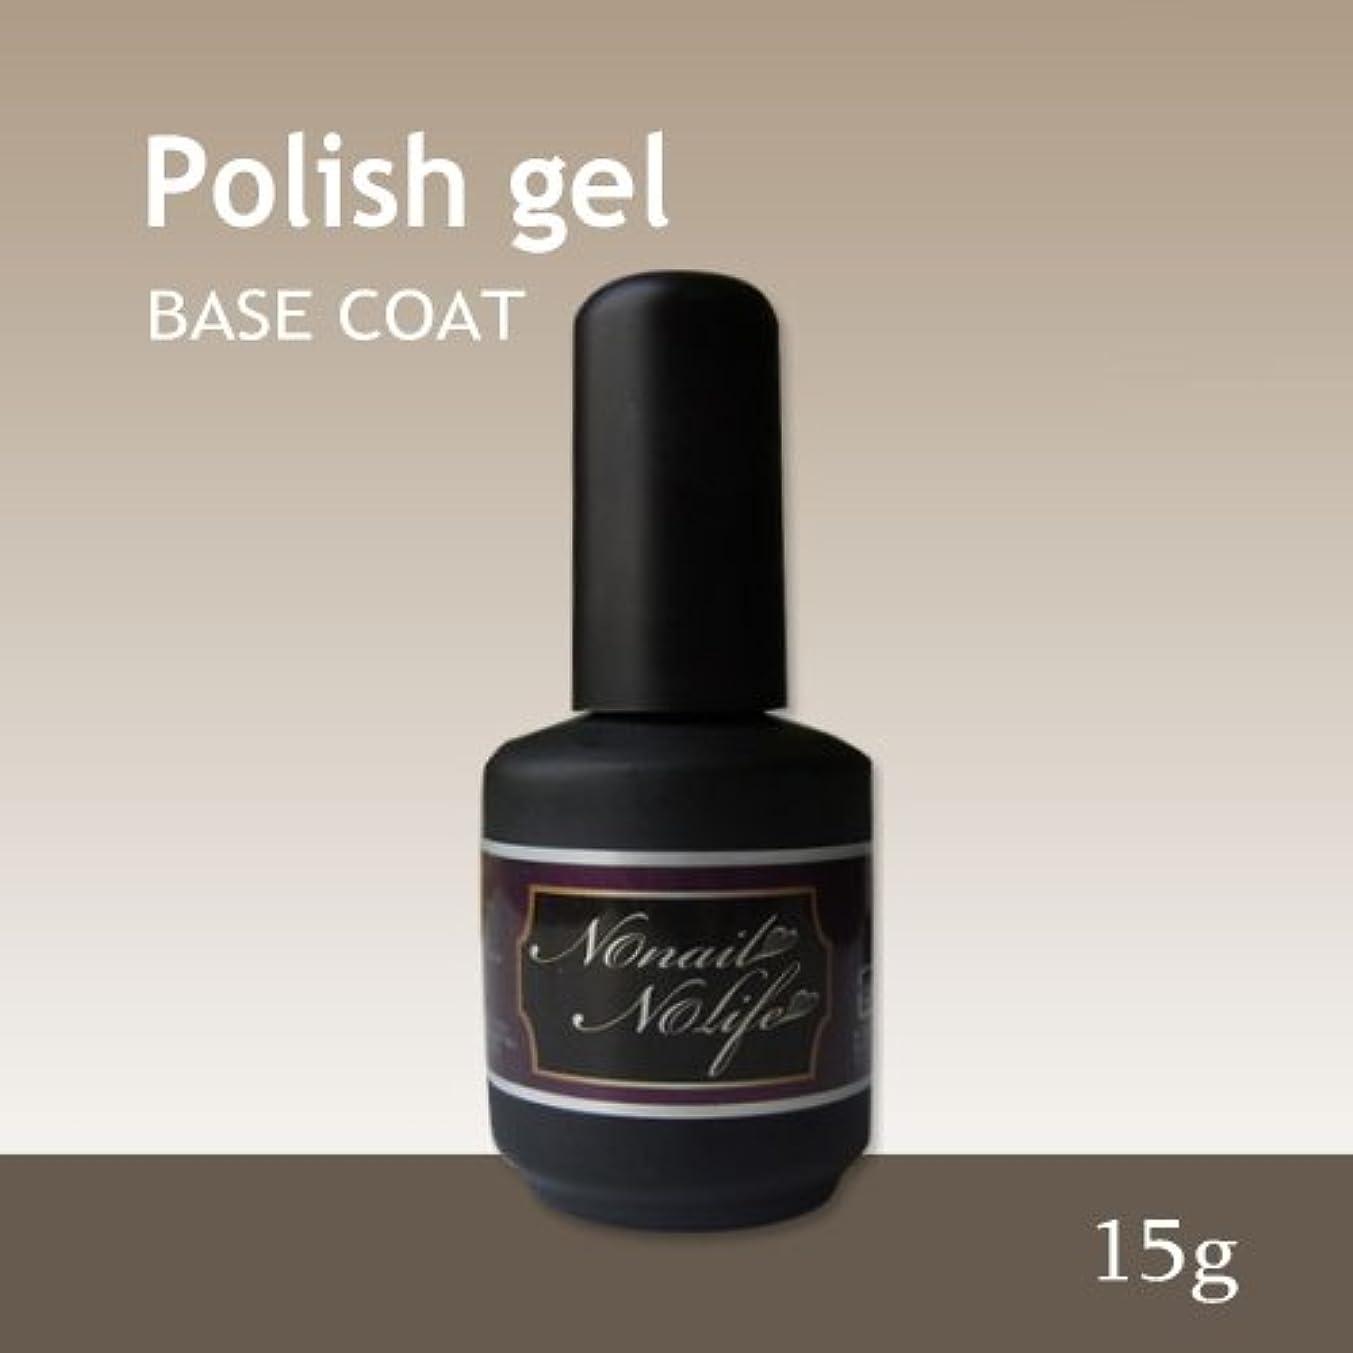 中で一族世界に死んだジェルネイル《サンディング不要のベースコート》Natural Polish ポリッシュベースジェル(15g)